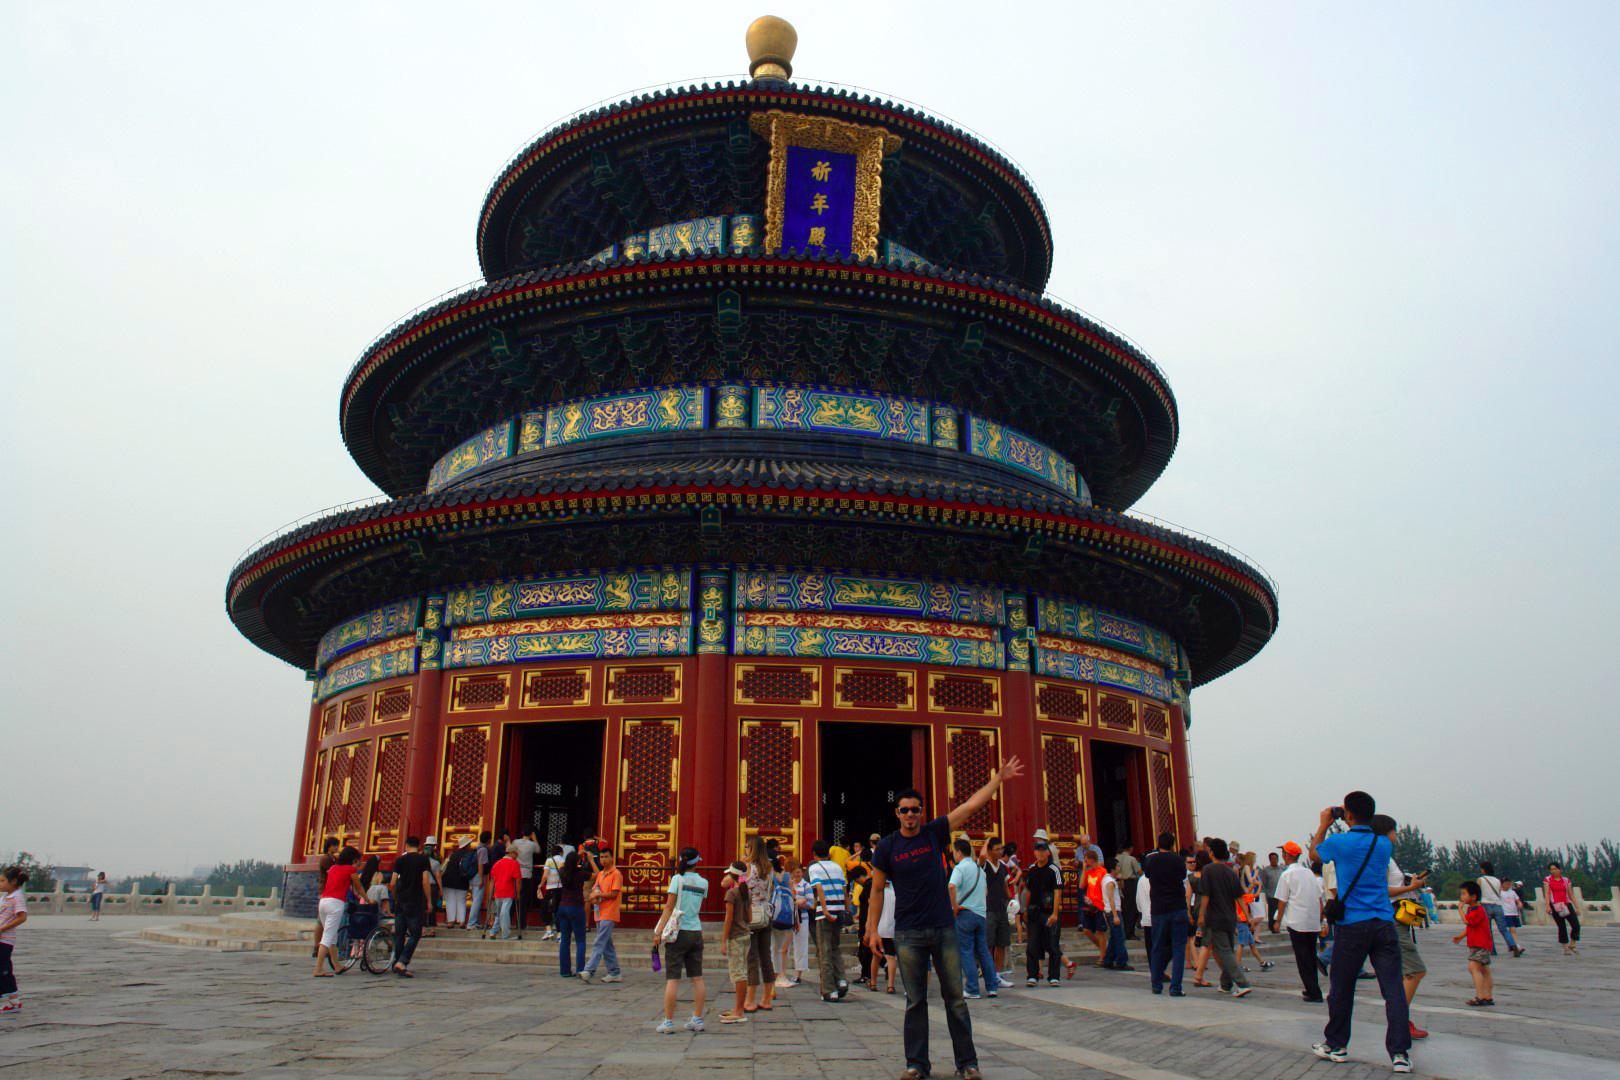 Qué ver en Pekín, China: Templo del Cielo de Pekin / Beijing - China